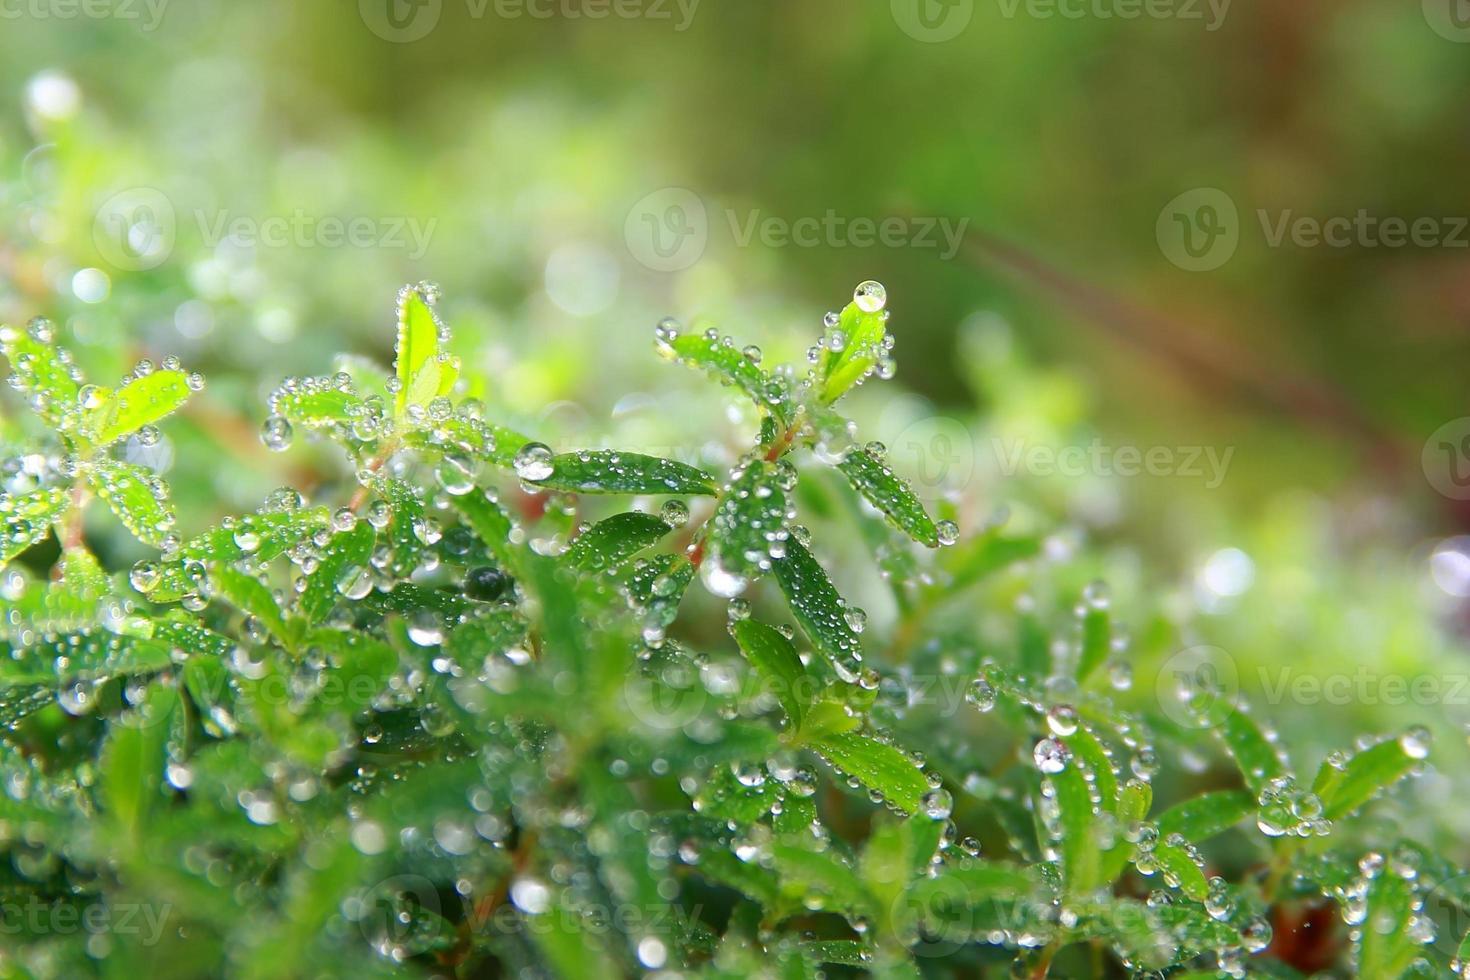 plante verte et goutte d'eau photo